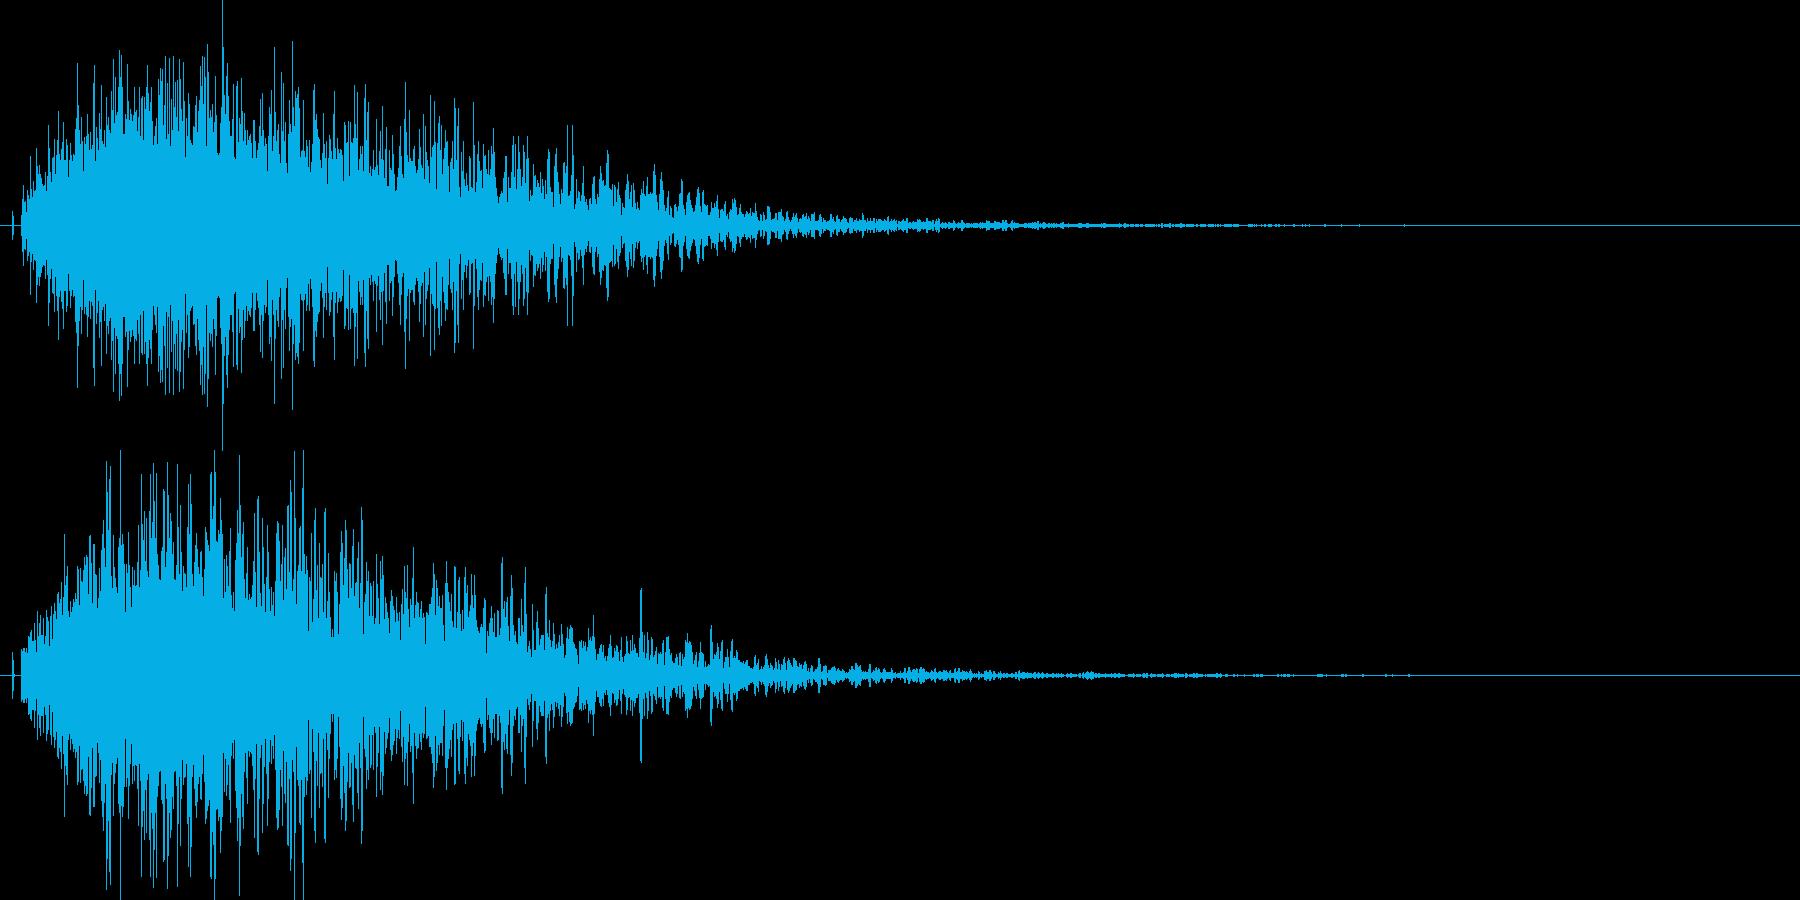 シャキーン!特殊魔法や光に最適な効果音3の再生済みの波形